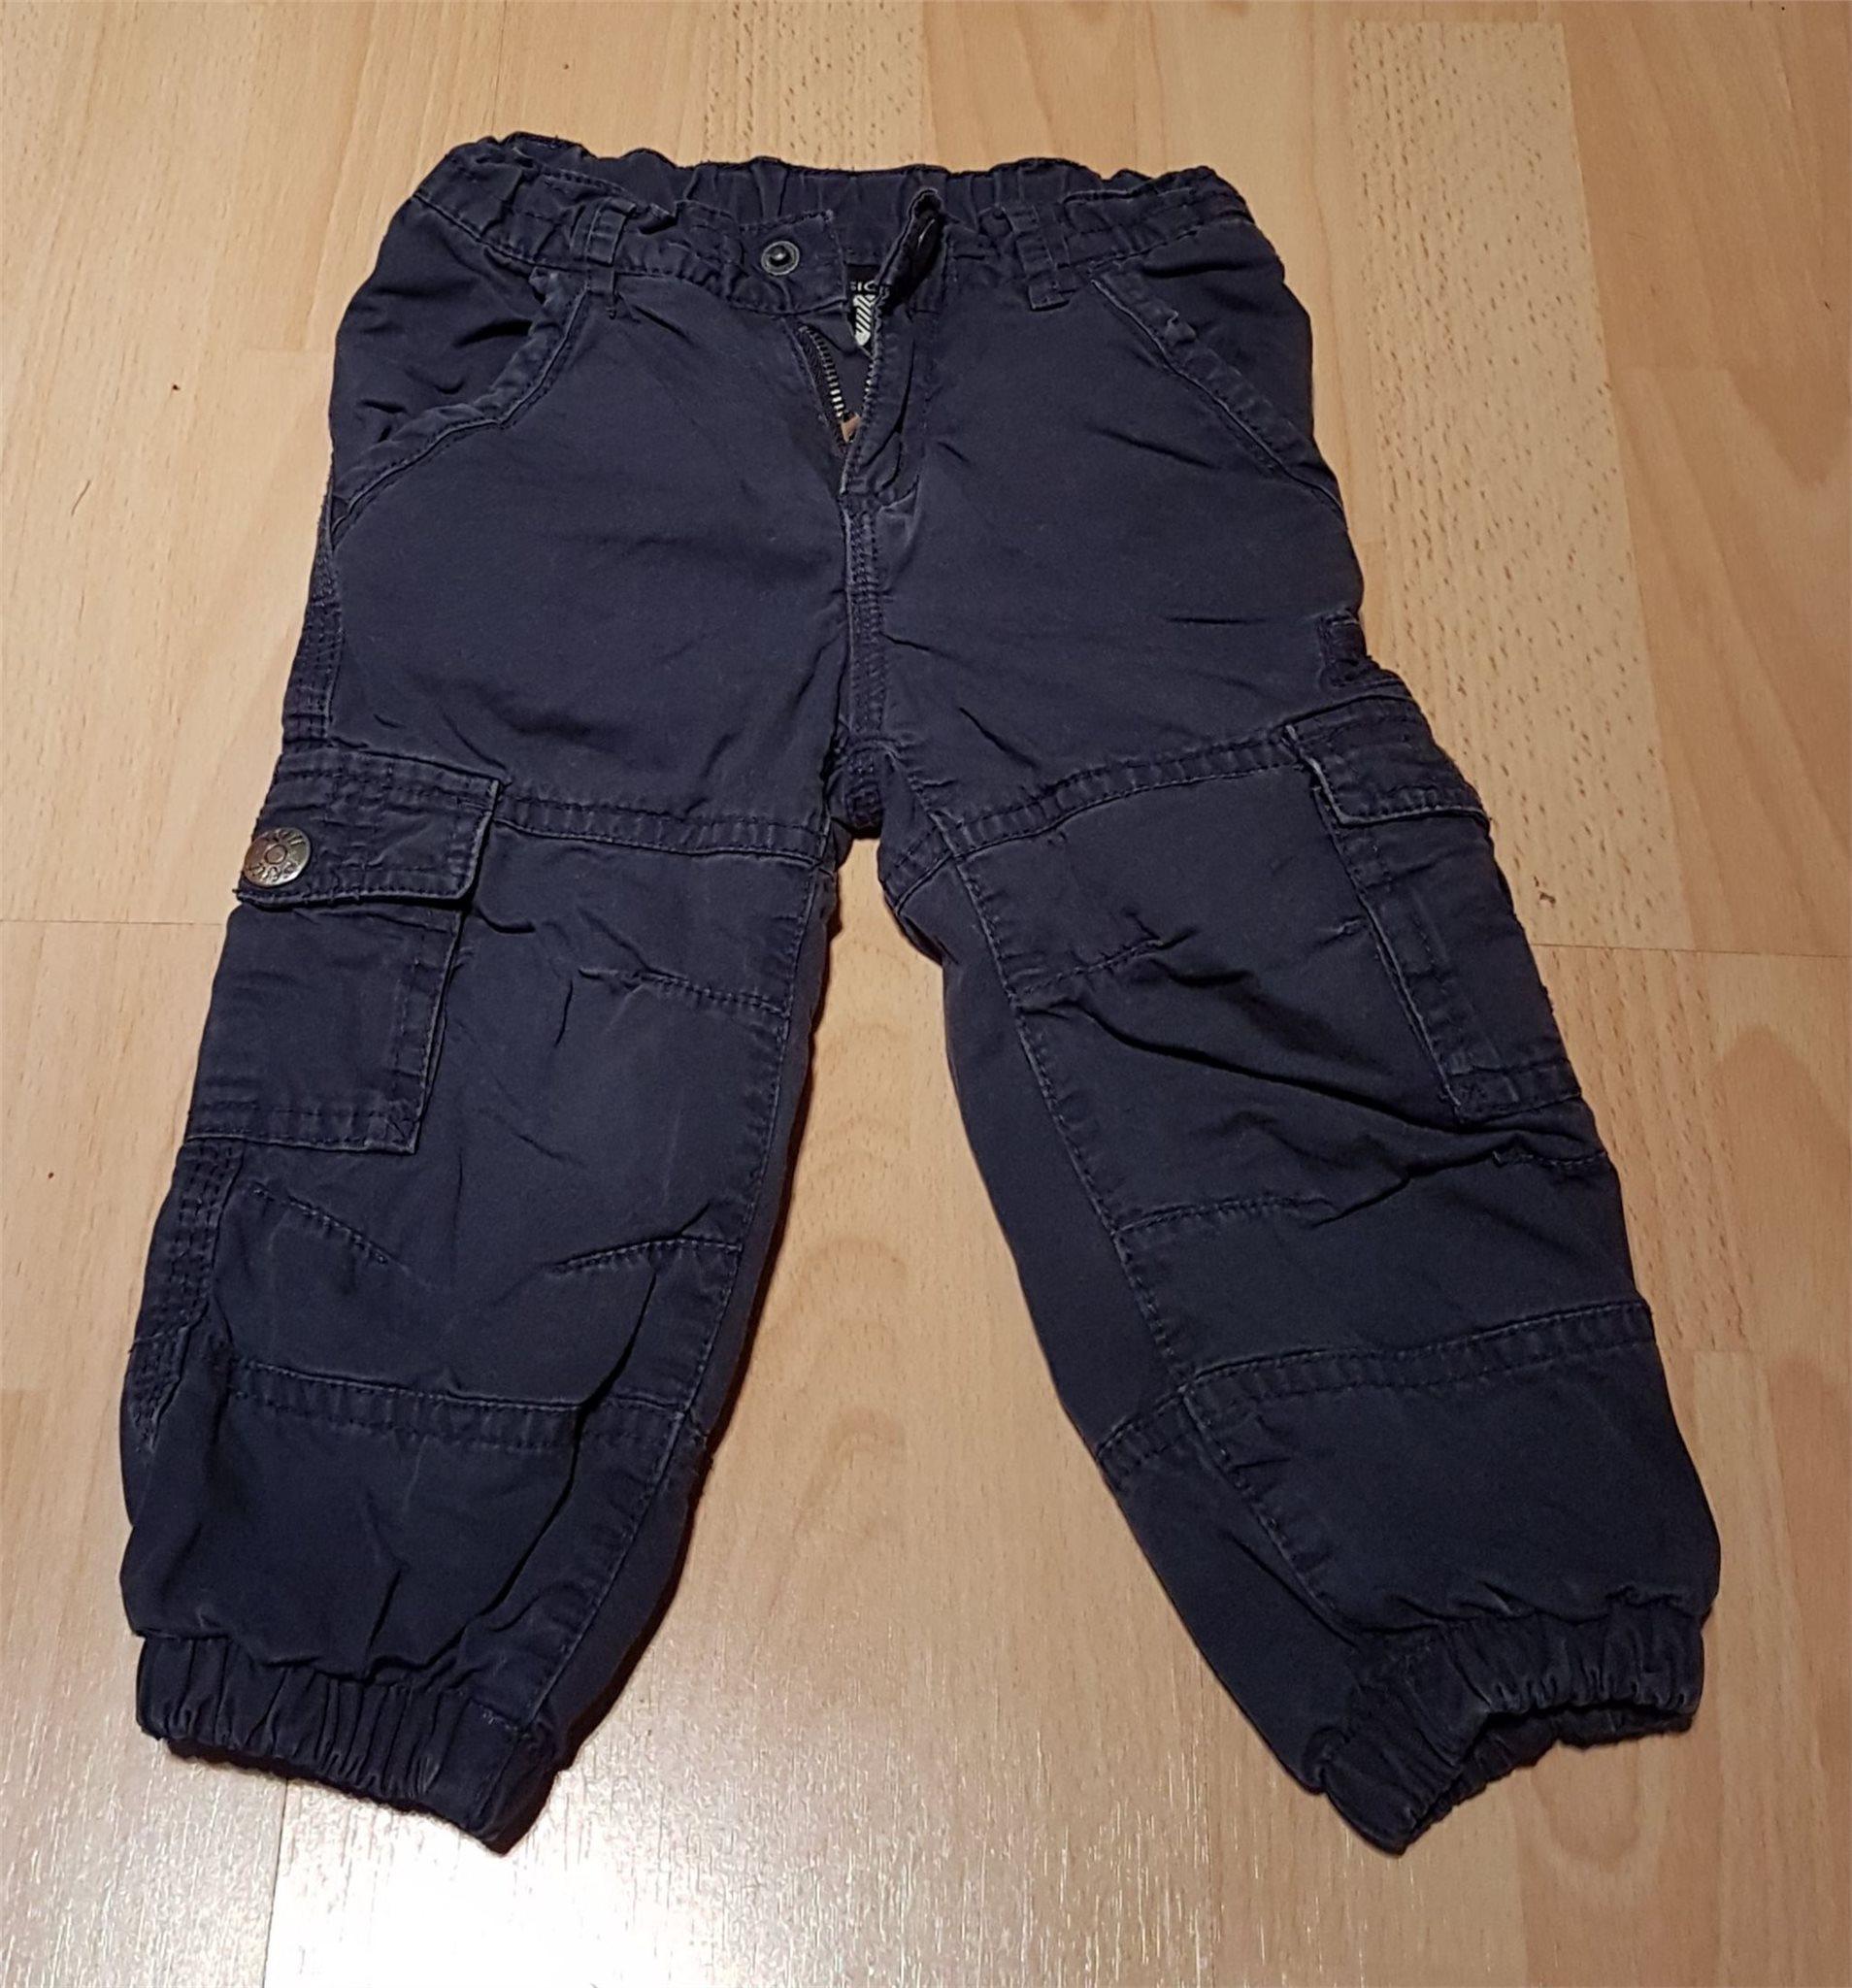 byxor med fickor på benen